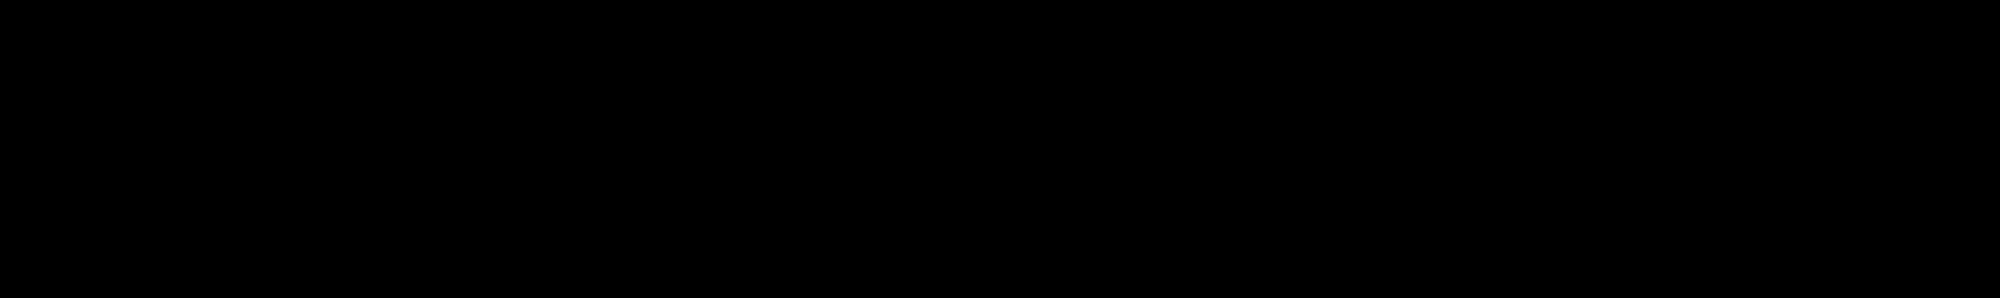 Condé_Nast_logo.svg